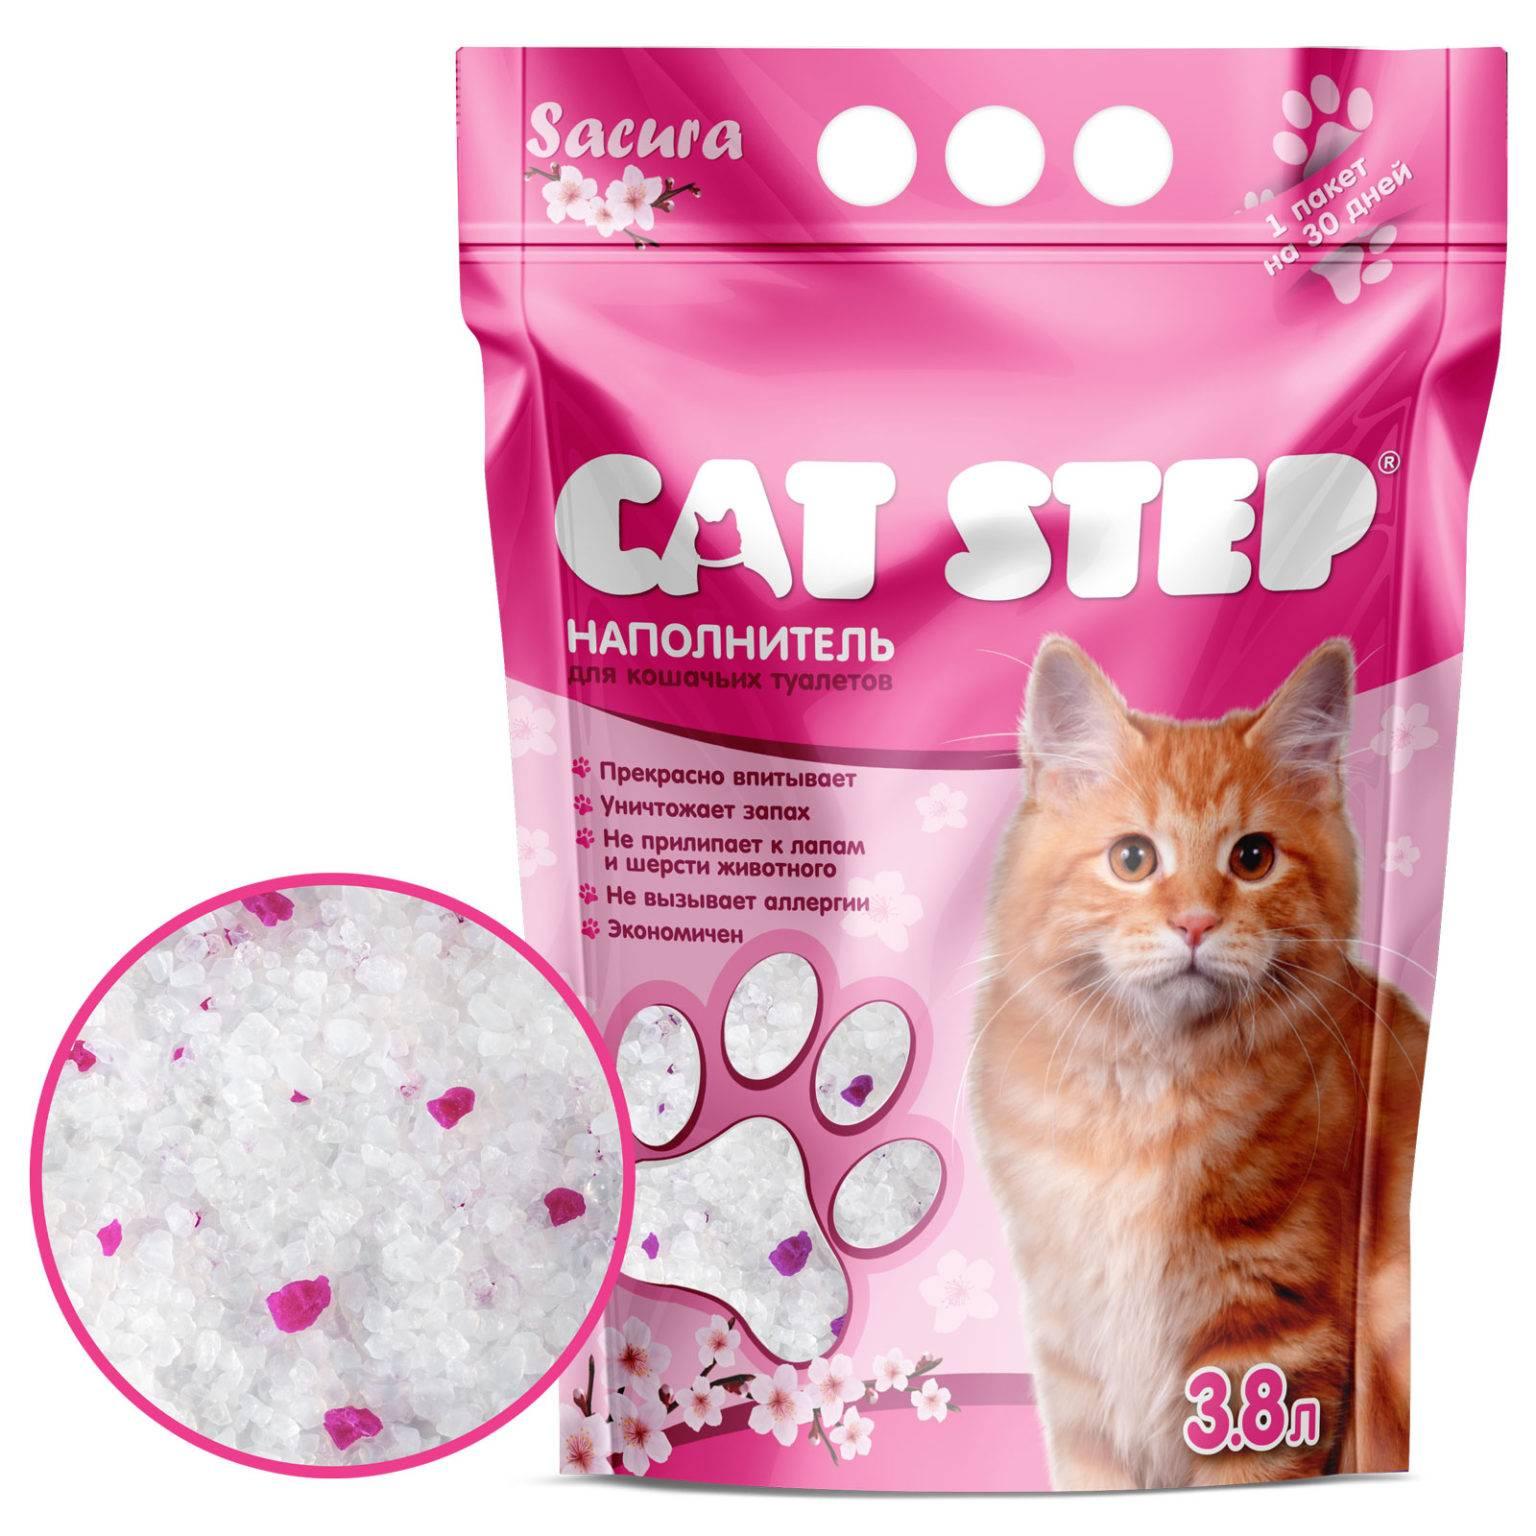 Почему нельзя смывать кошачий наполнитель в унитаз